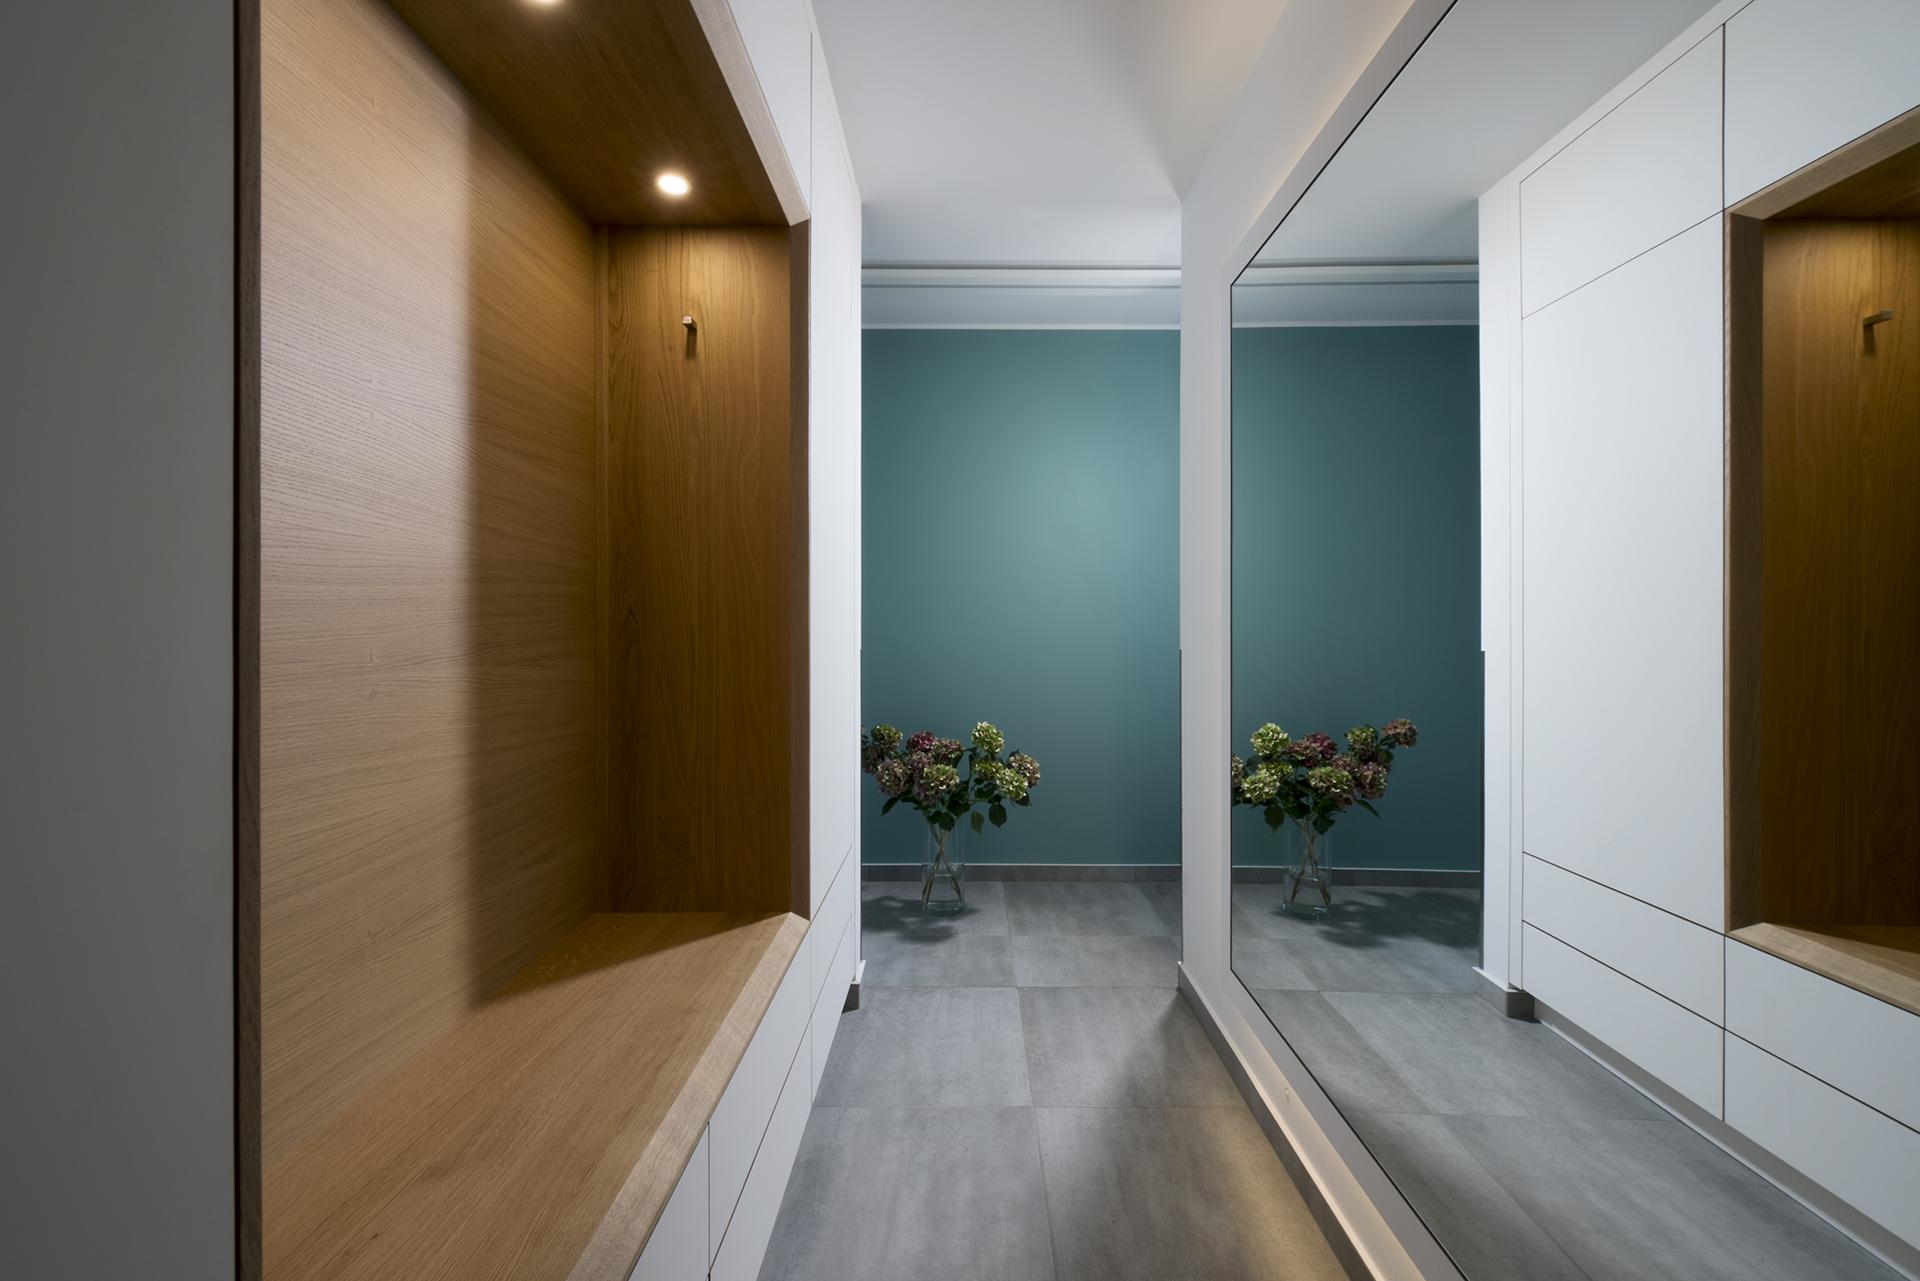 Garderobe passgenau, Eiche, weiß, eingebautes Licht, Koepke und Kasiske, Tischlerei Rügen